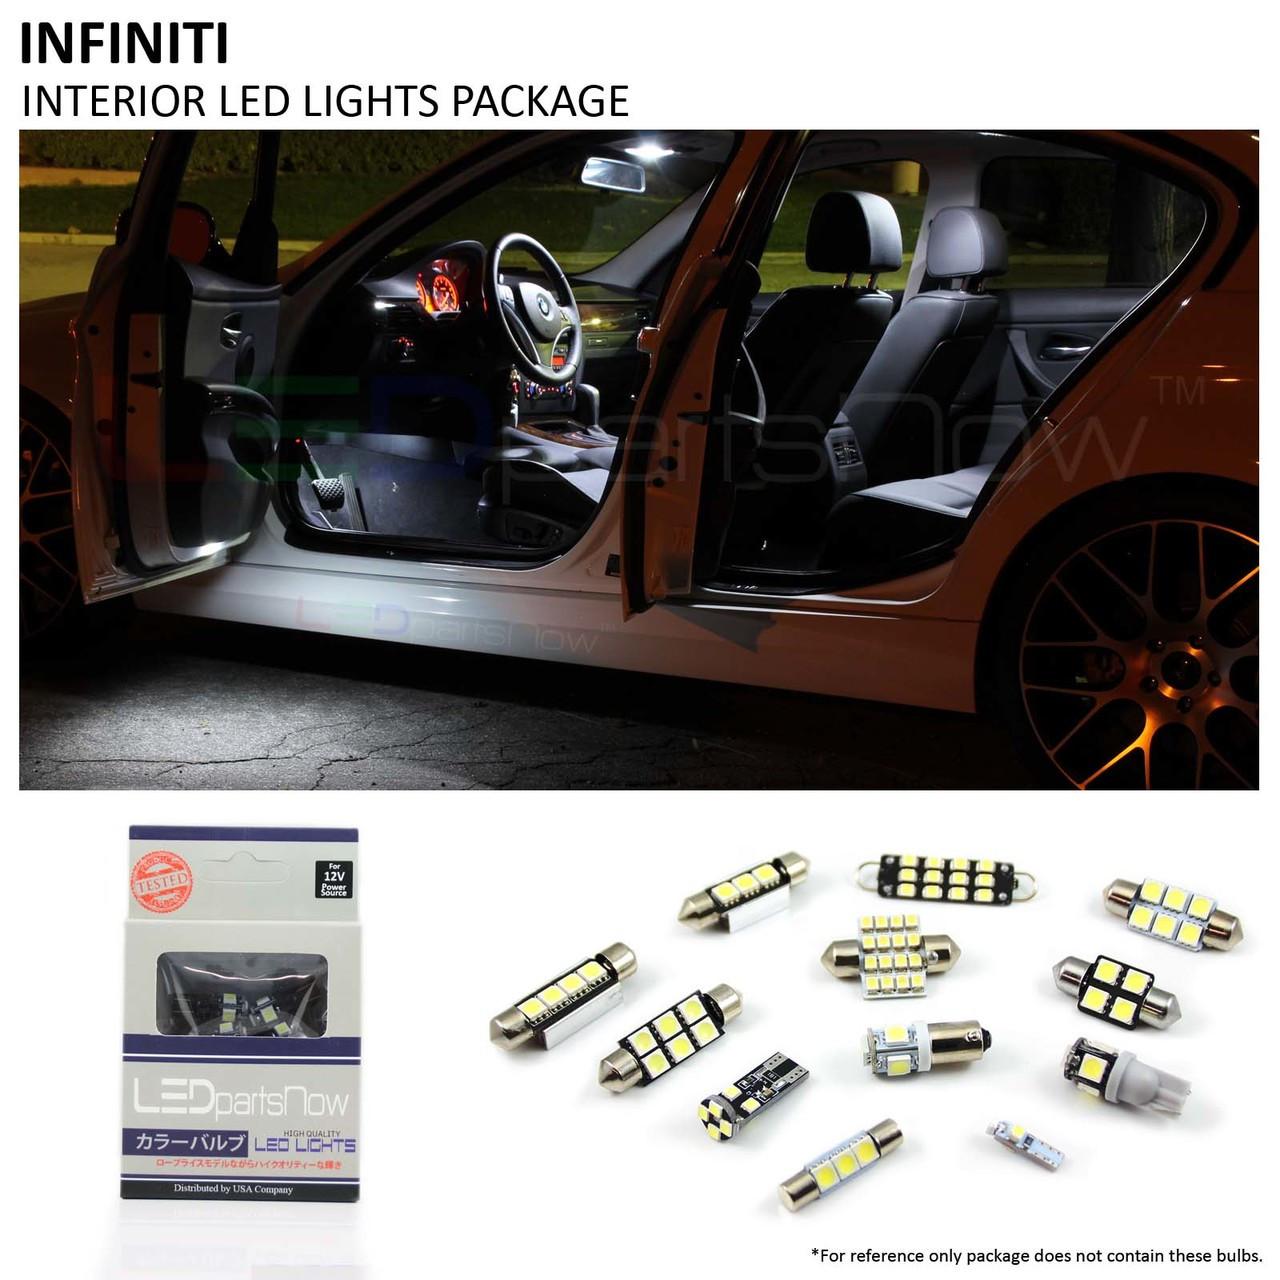 2007 2014 Infiniti G35 G37 Sedan Interior Led Lights Package